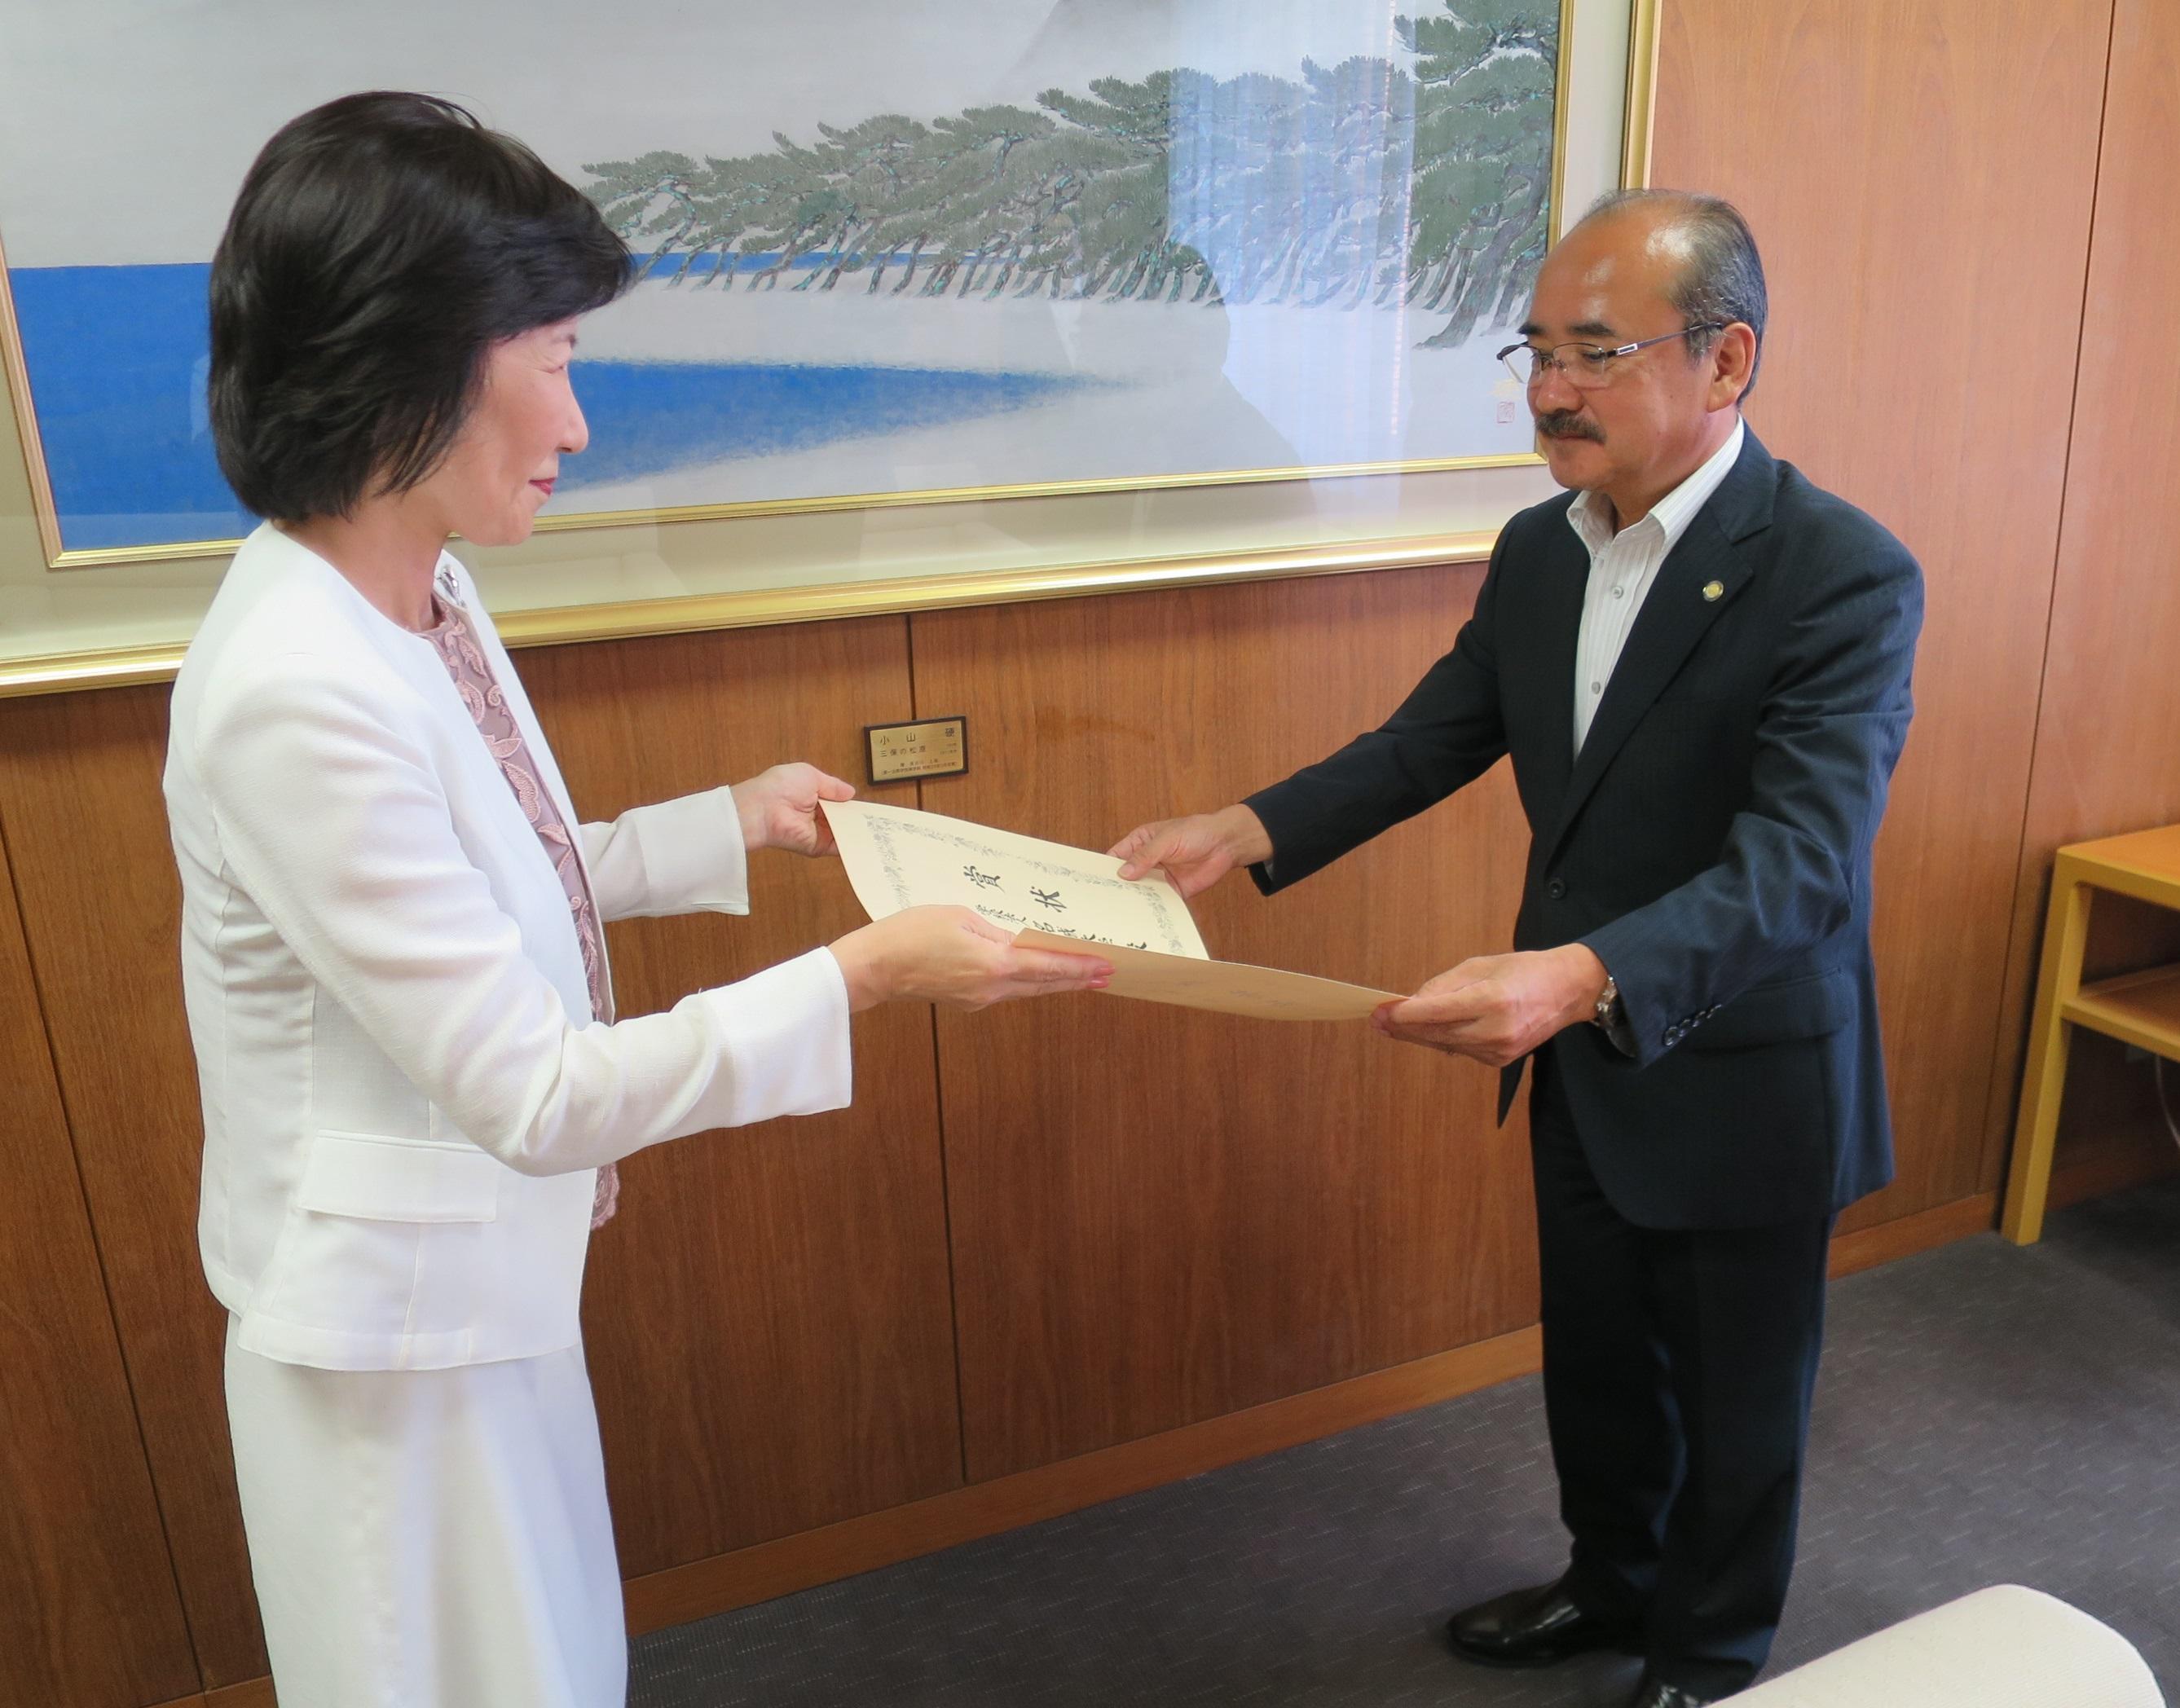 明石伸子理事長(左)から文部科学大臣賞の賞状を受け取る吉久光一学長